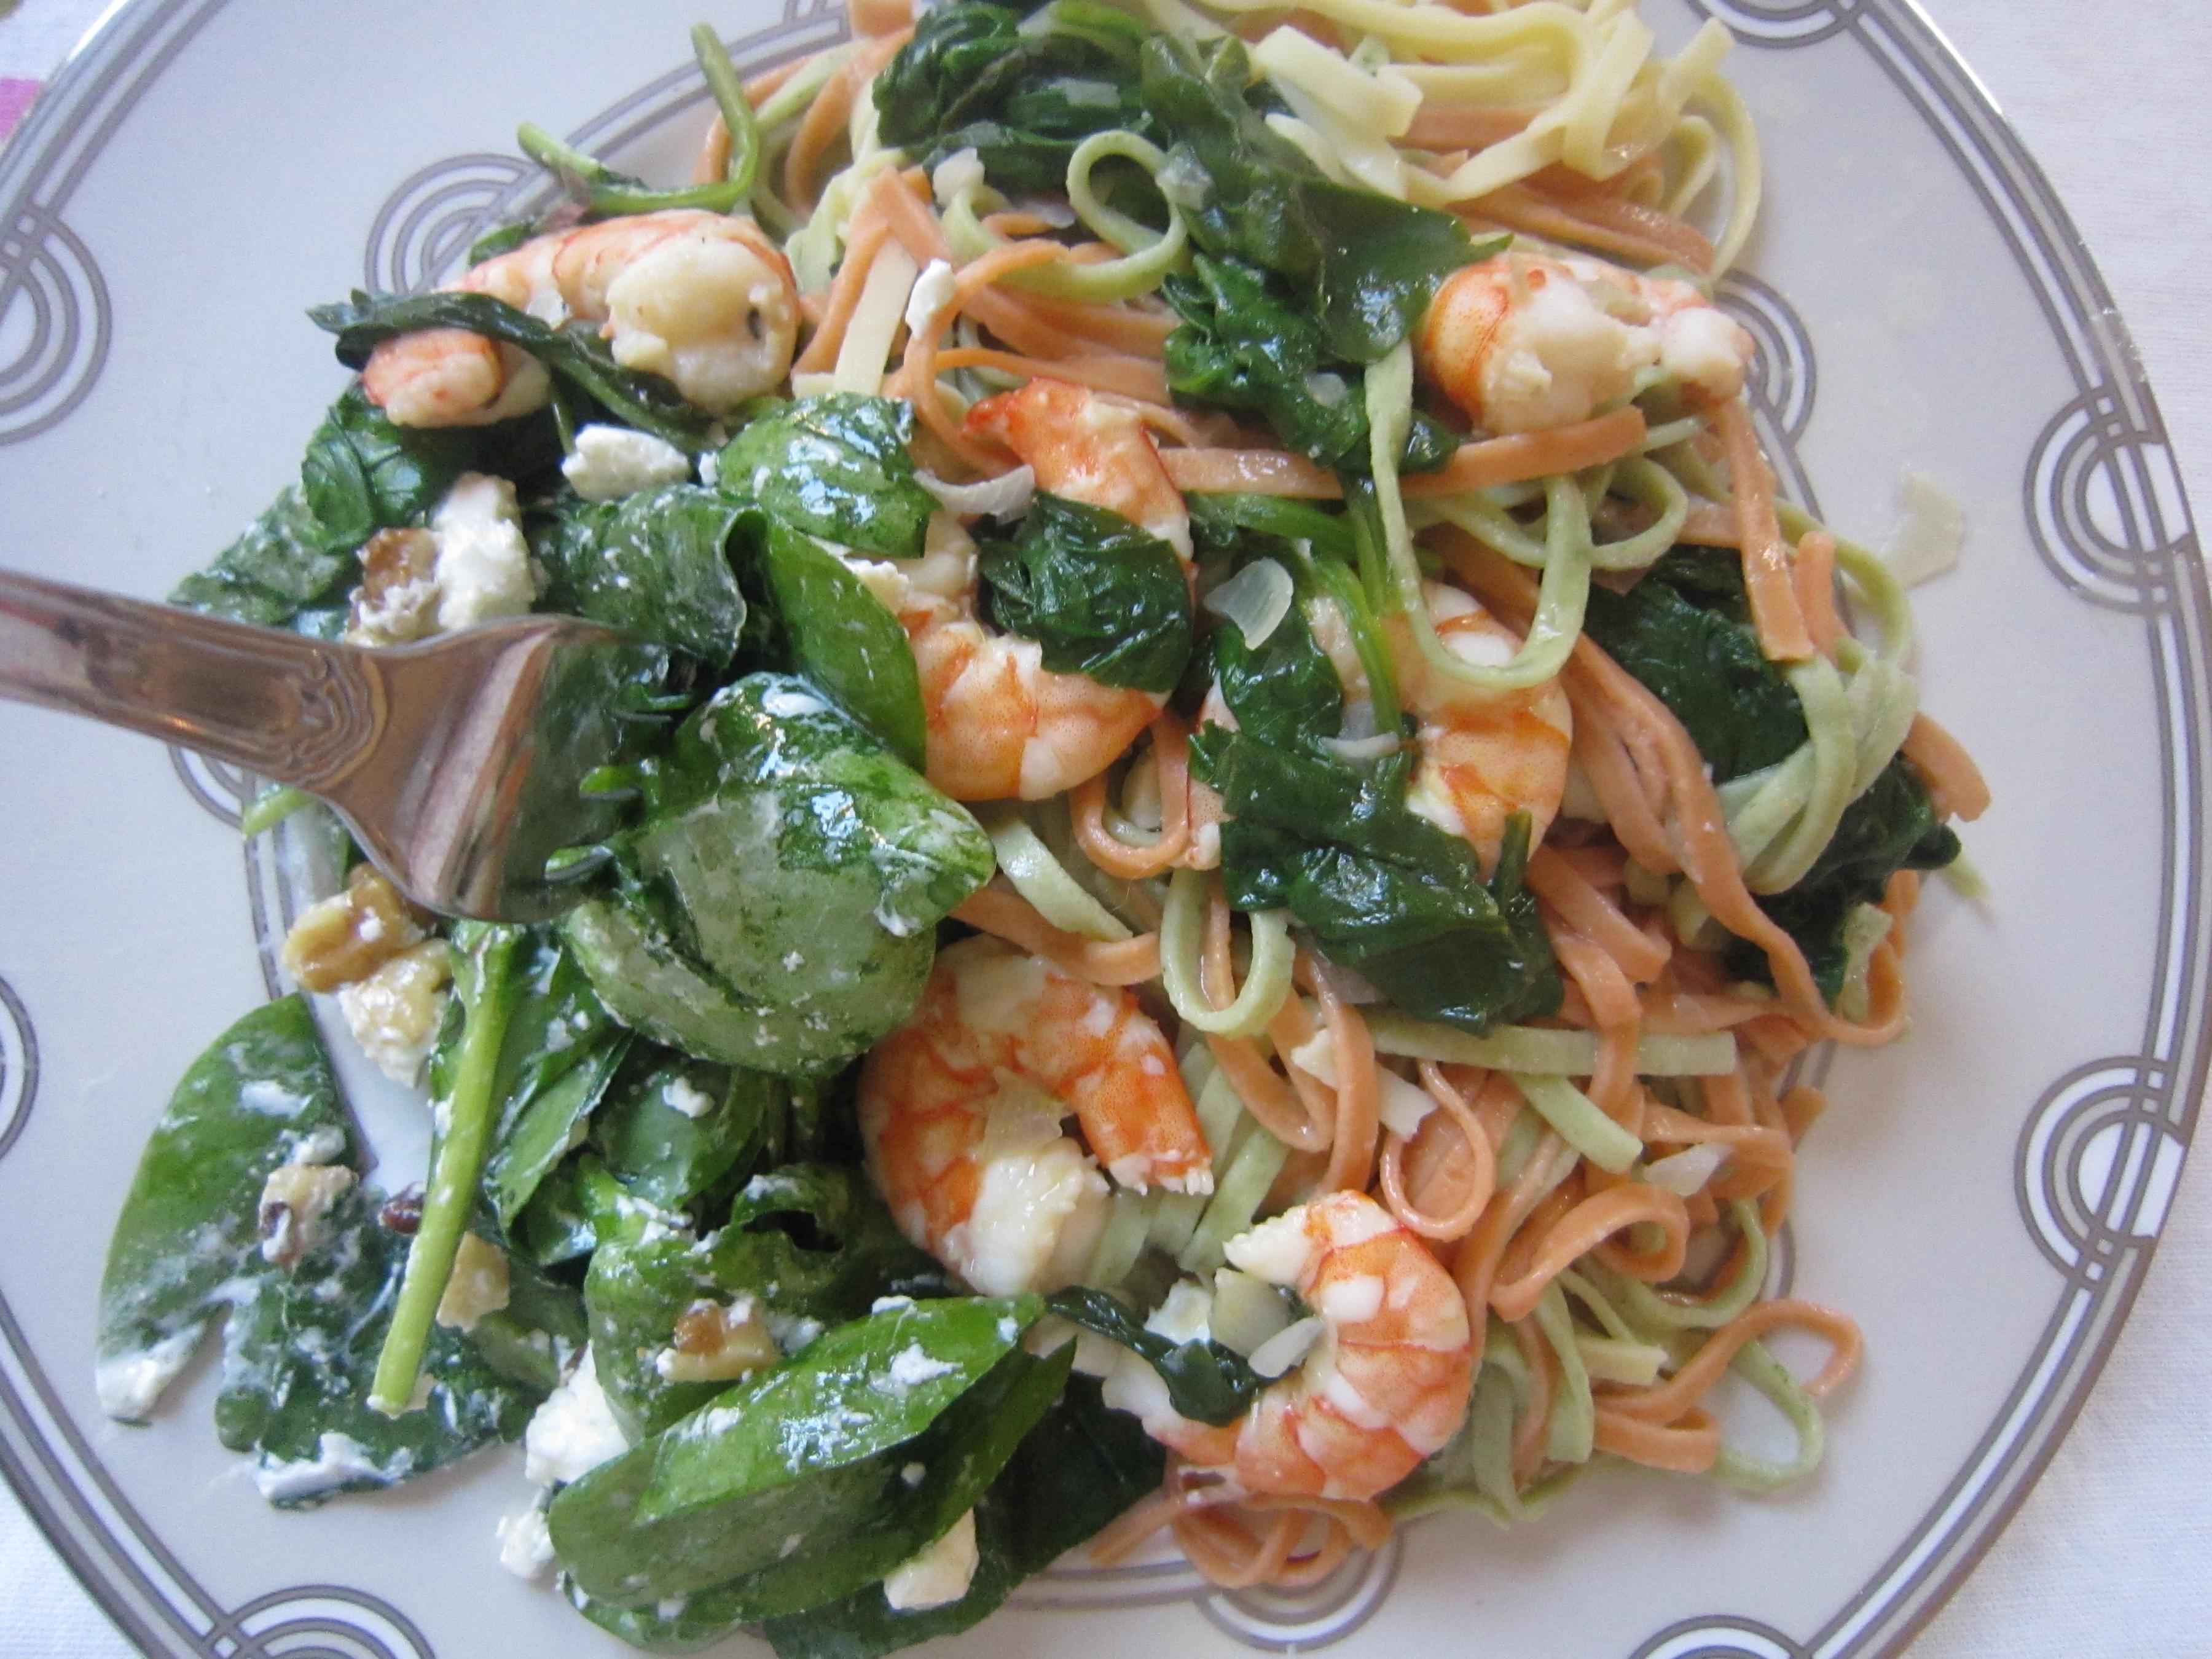 Shrimp Stock Super Salad With Lemon Dressing Ramshackle Glam